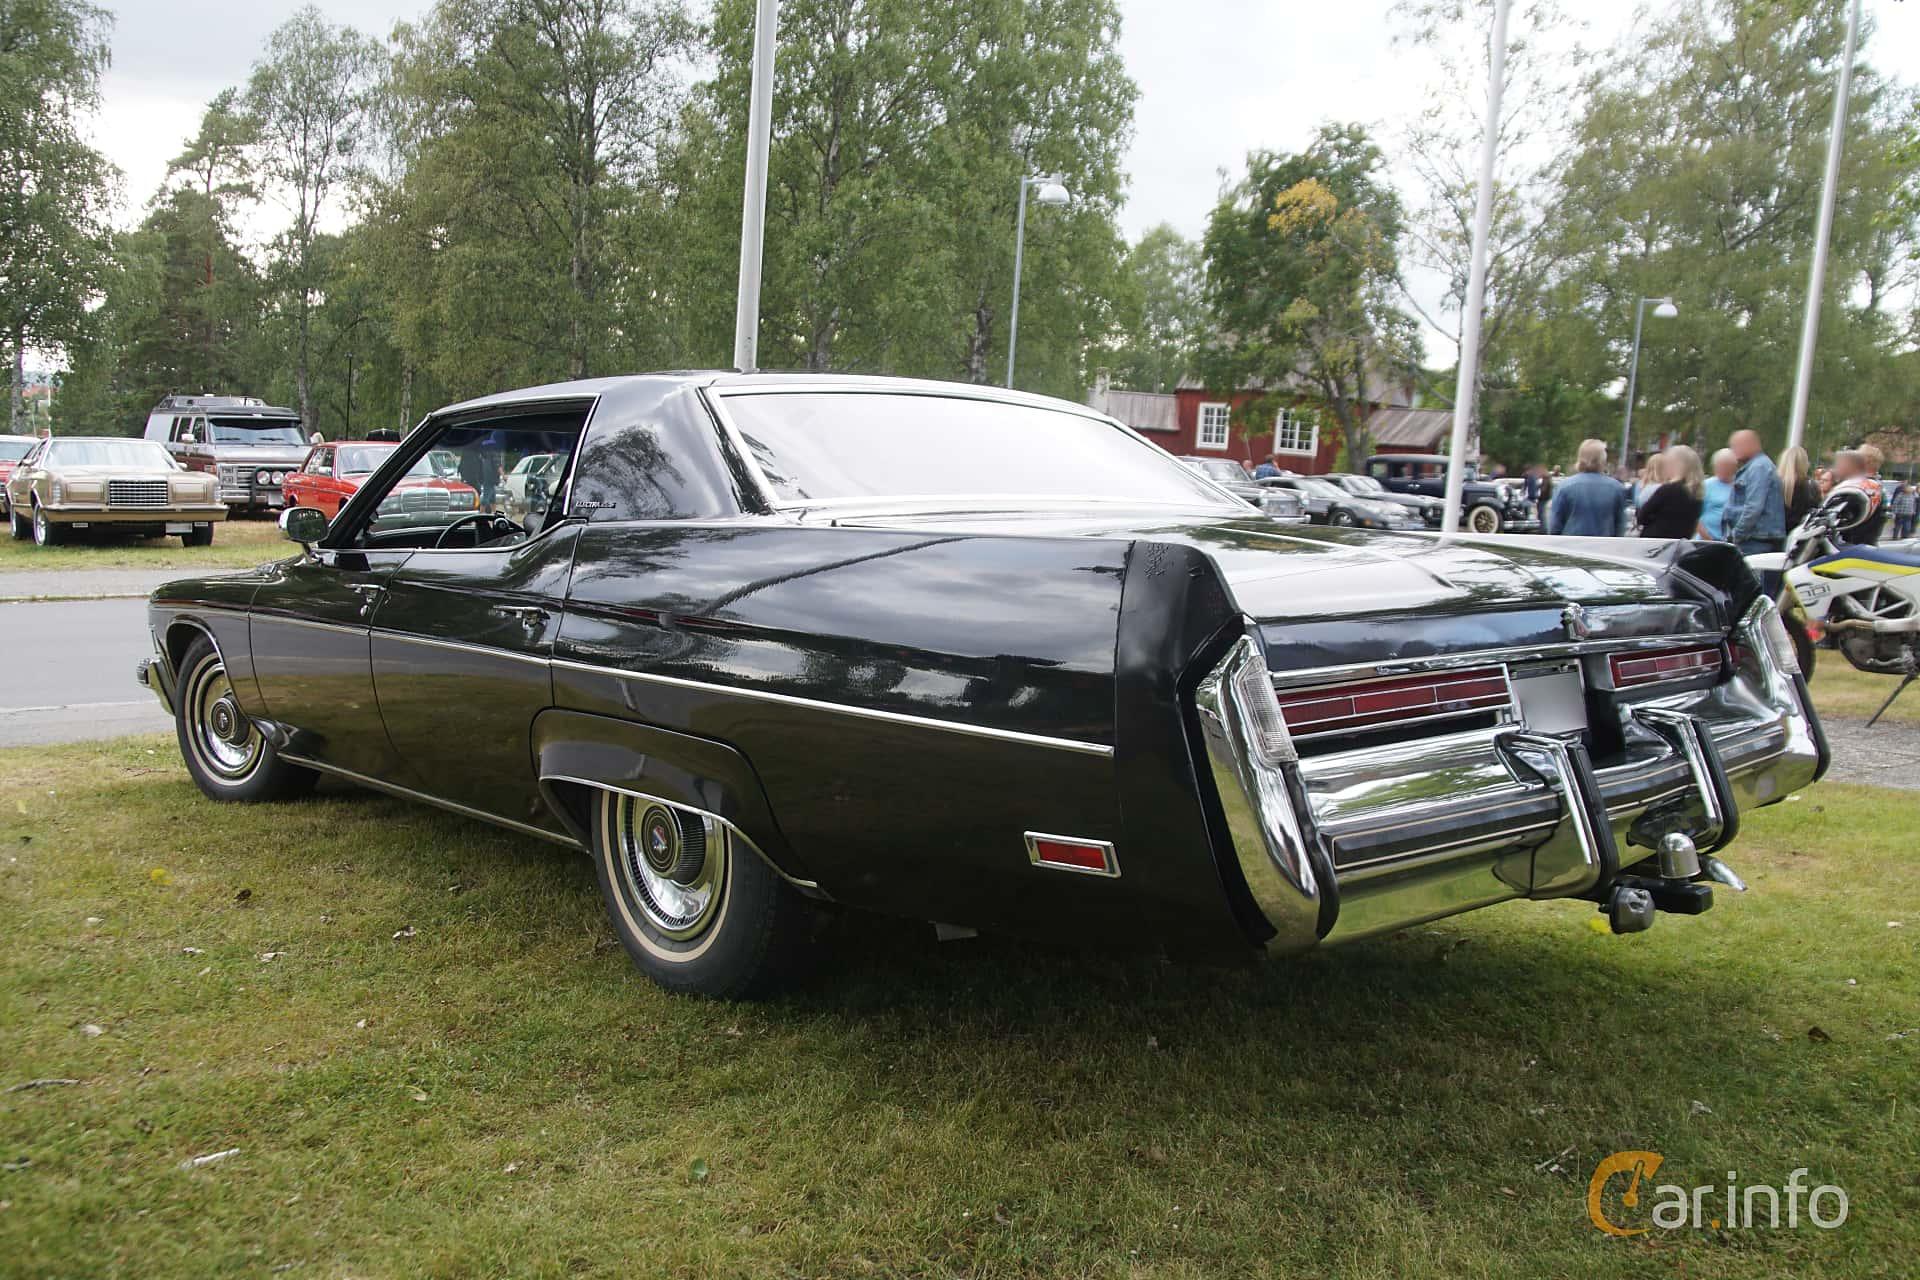 Back/Side of Buick Electra 225 Custom Hardtop Sedan 7.5 V8 Hydra-Matic, 213ps, 1974 at Onsdagsträffar på Gammlia Umeå 2019 vecka 32